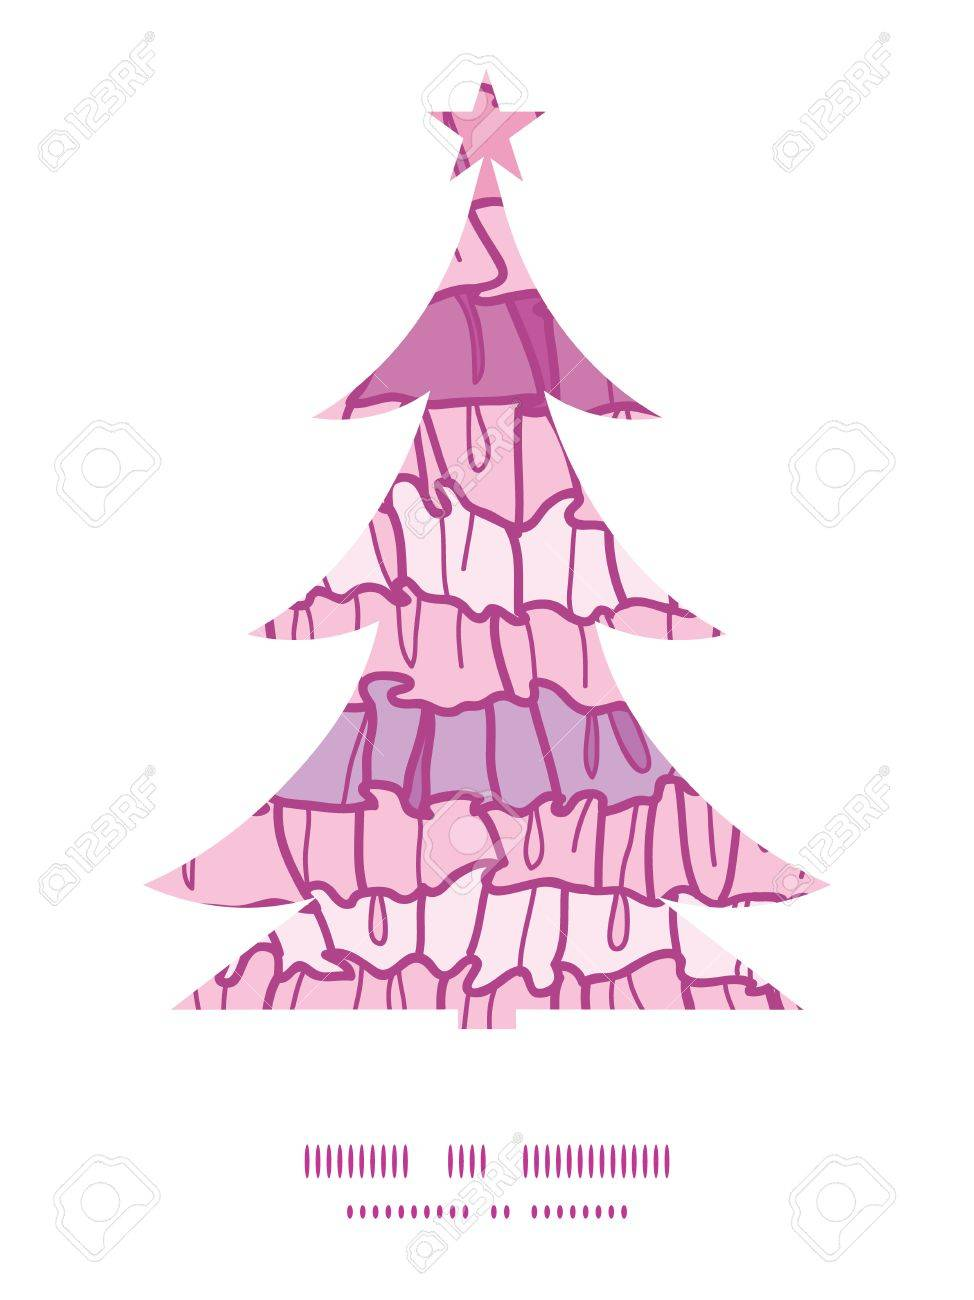 Vector Rosa Rüschen Stoff Streifen Weihnachtsbaum Silhouette Muster ...